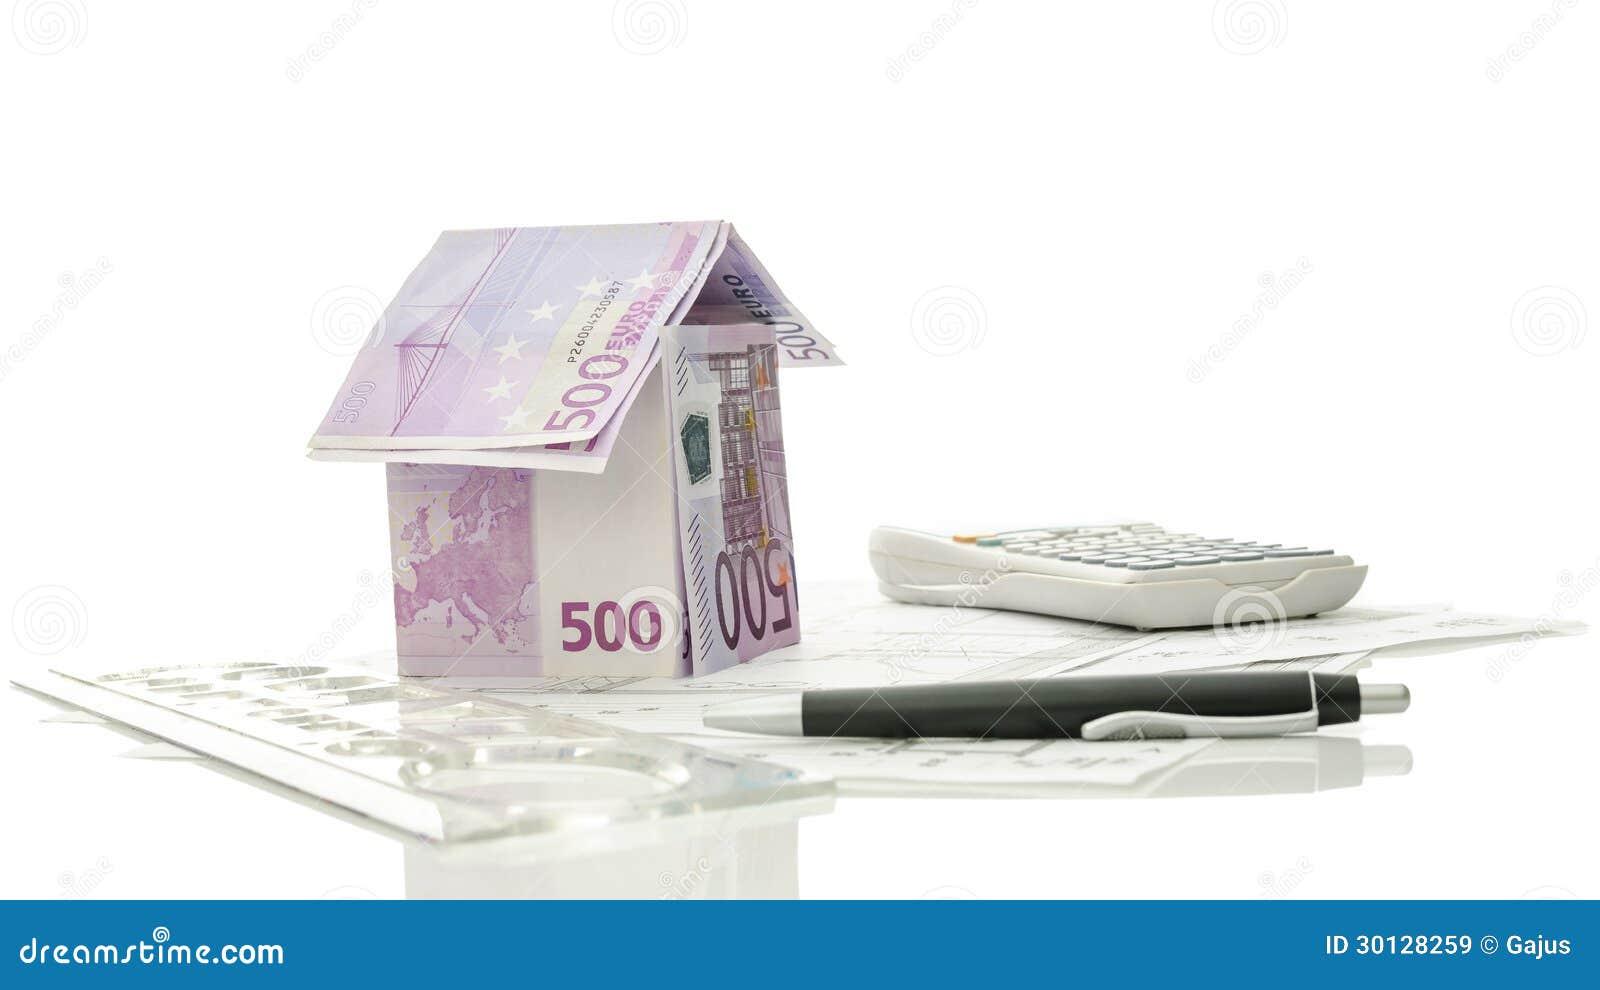 Disegni e strumenti architettonici con la casa dei soldi - Soldi contanti a casa ...